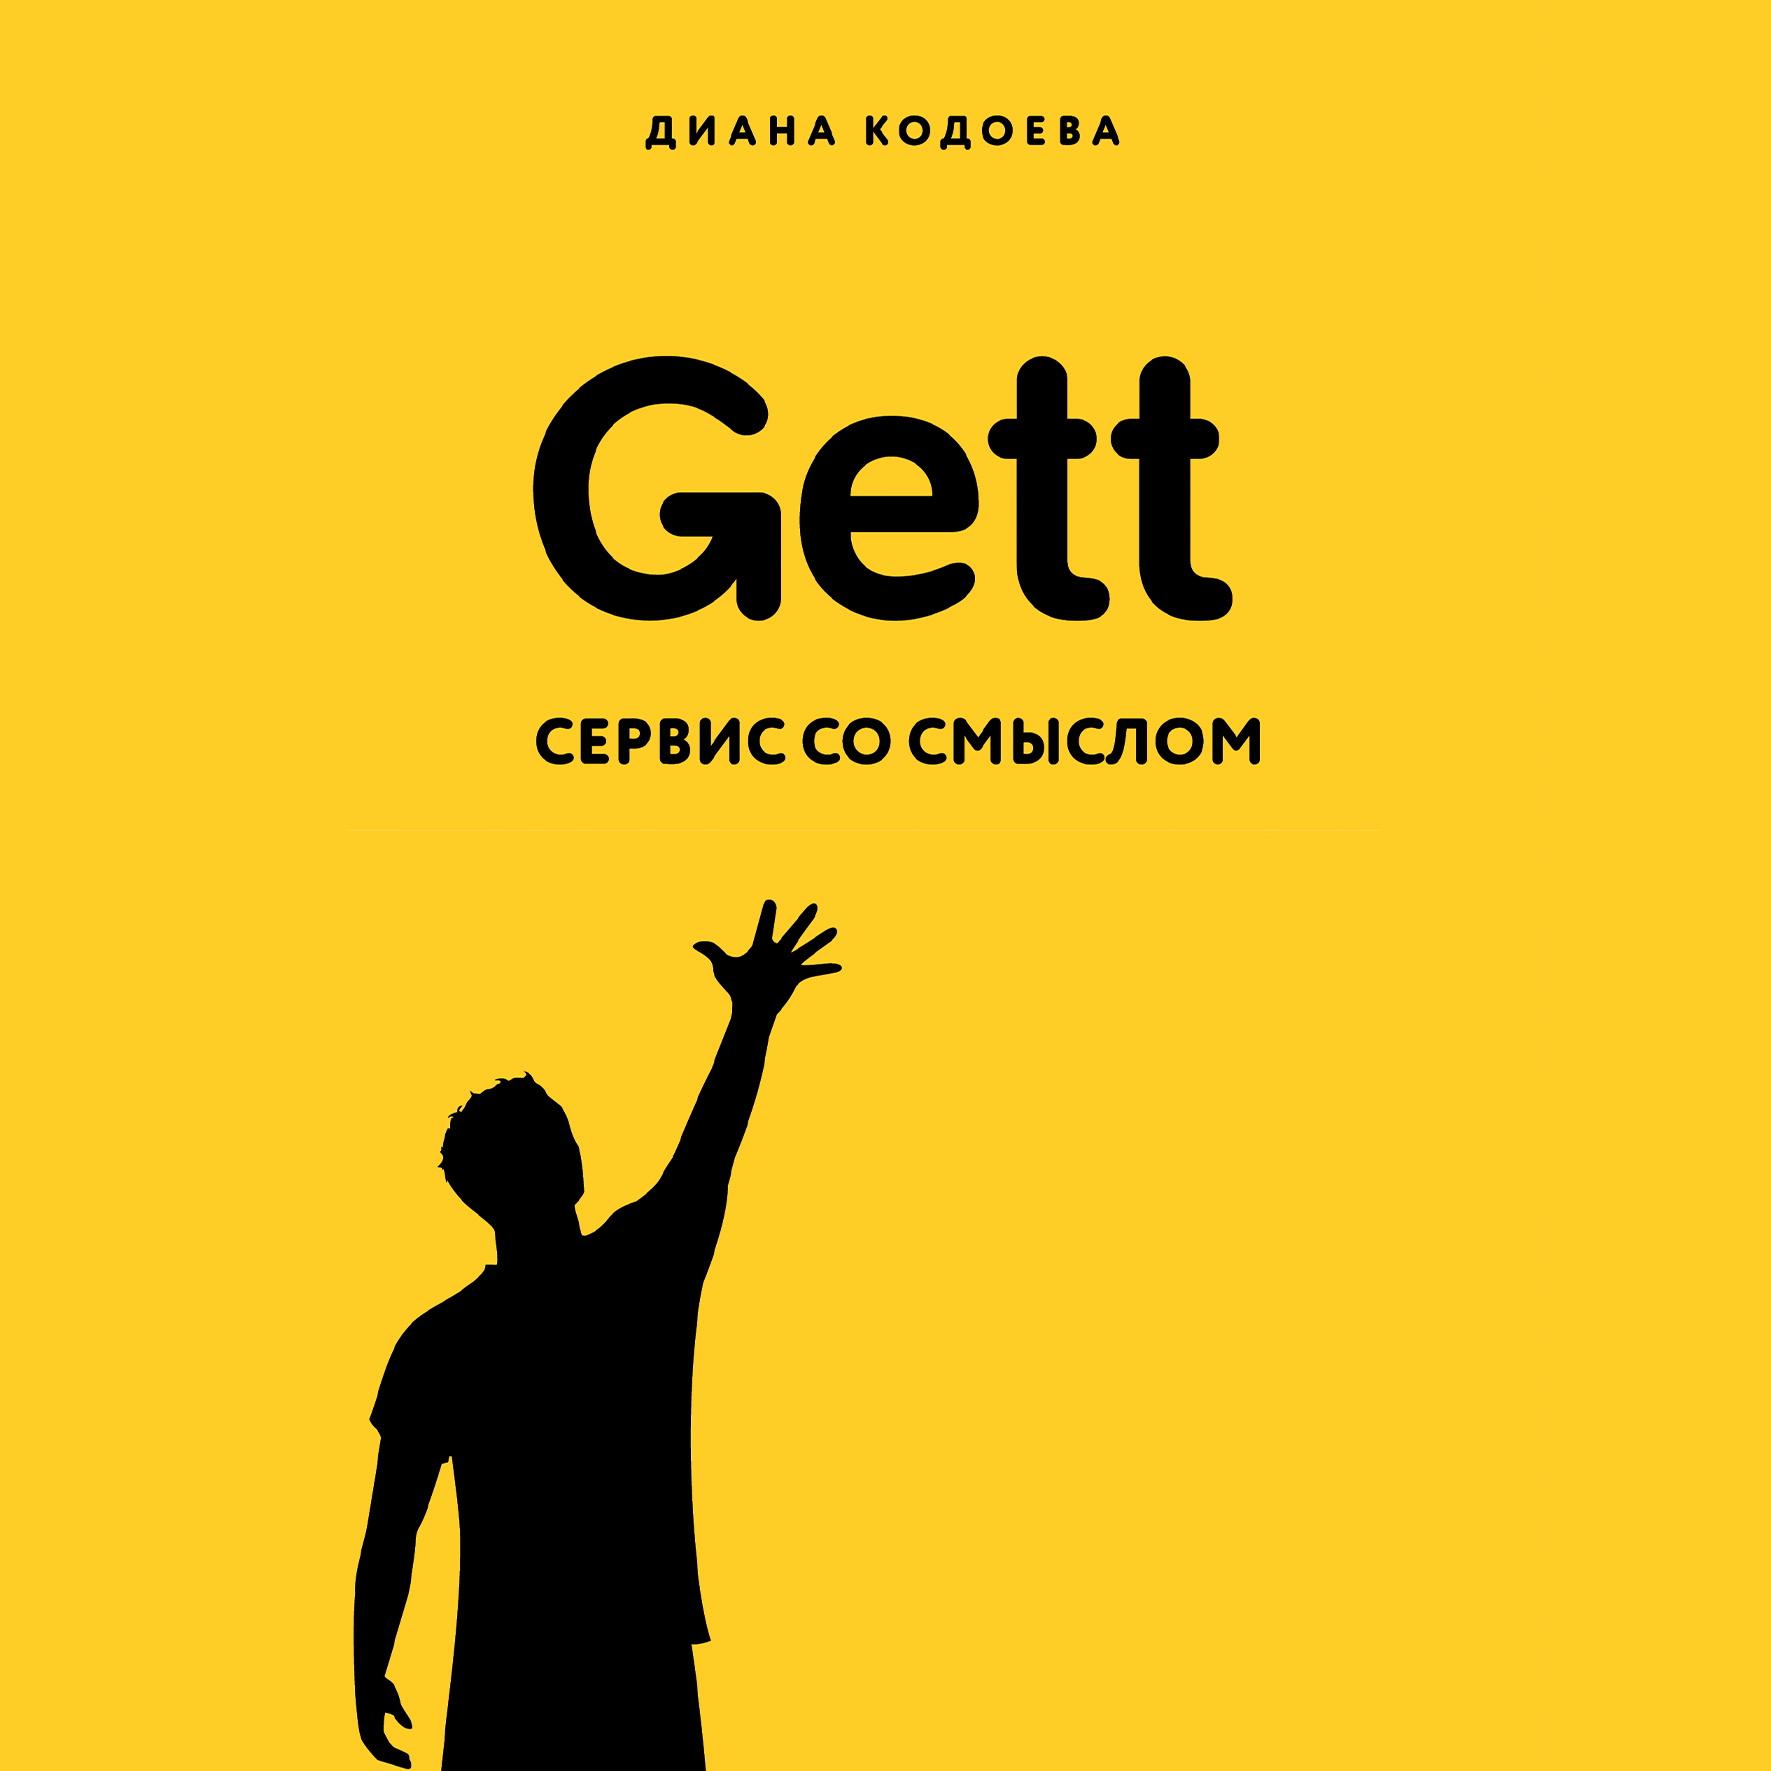 Купить книгу Gett. Сервис со смыслом, автора Дианы Кодоевой